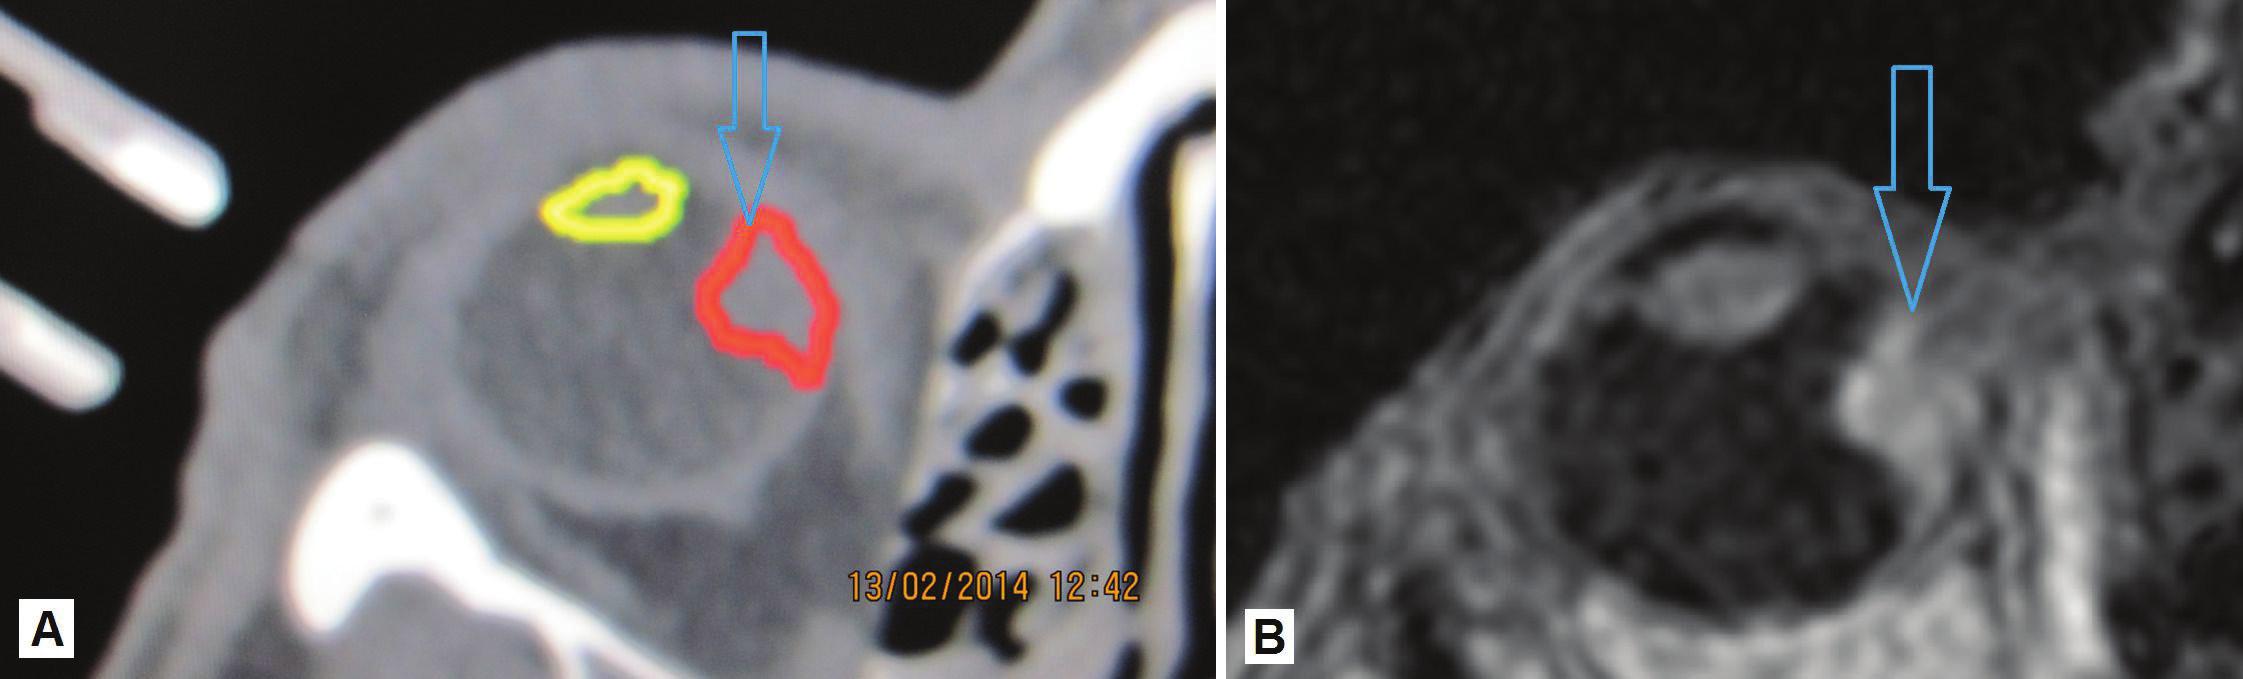 """Zakreslenie nádorového ložiska vychádzajúceho z oblasti corpus ciliare s prerastaním smerom """"dozadu"""" do oblasti choroidy – ložisko červená farba, šošovka žltá farba (A), MR zobrazenie oka s ložiskom (B)"""